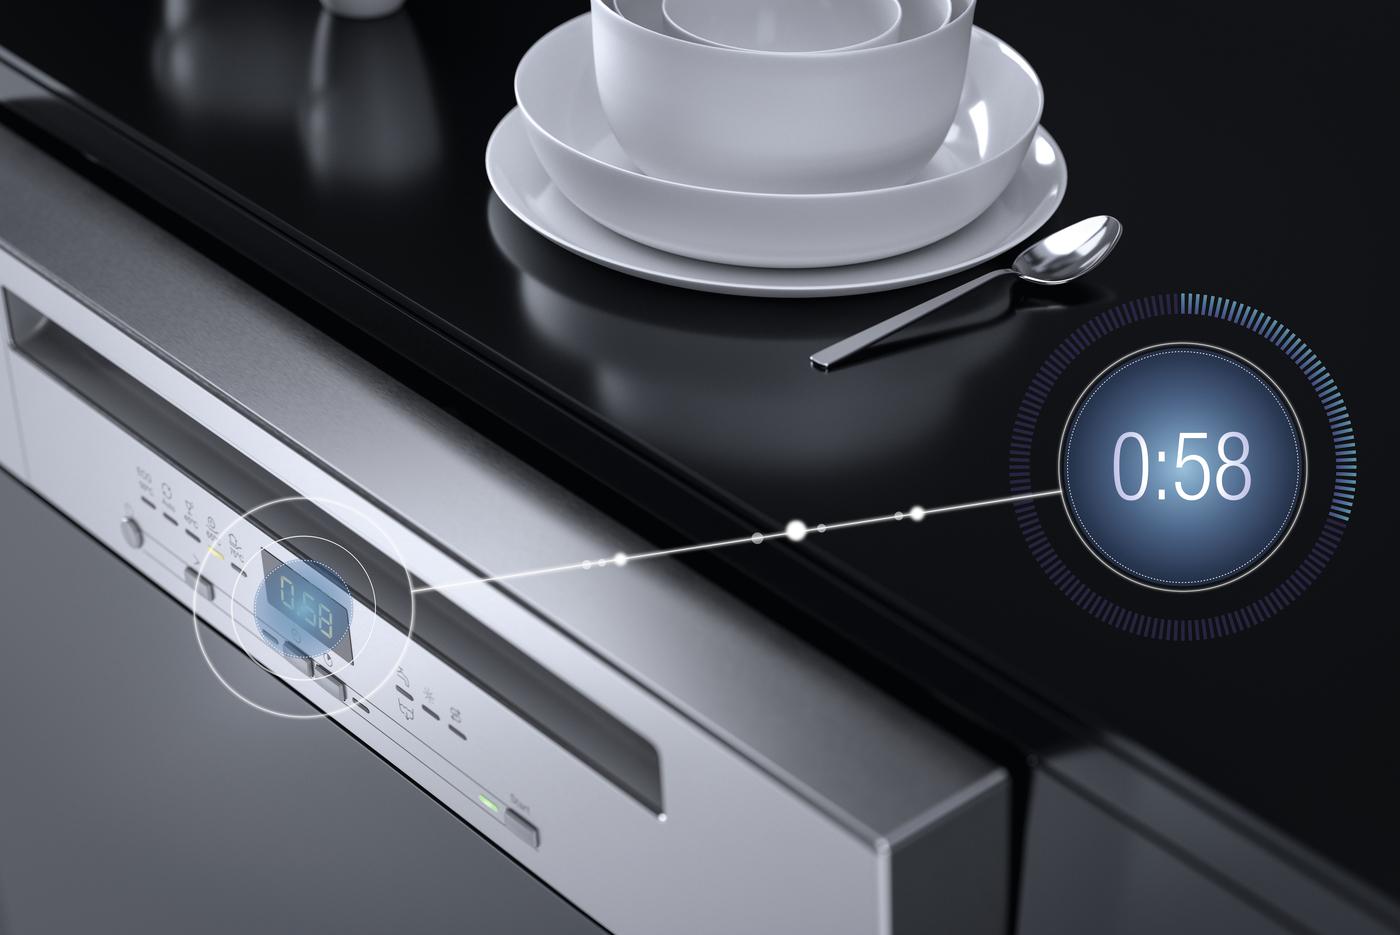 Чистая посуда всего за 58 минут – результат совместной работы программы QuickPowerWash и таблеток Ultra Tabs All in 1.